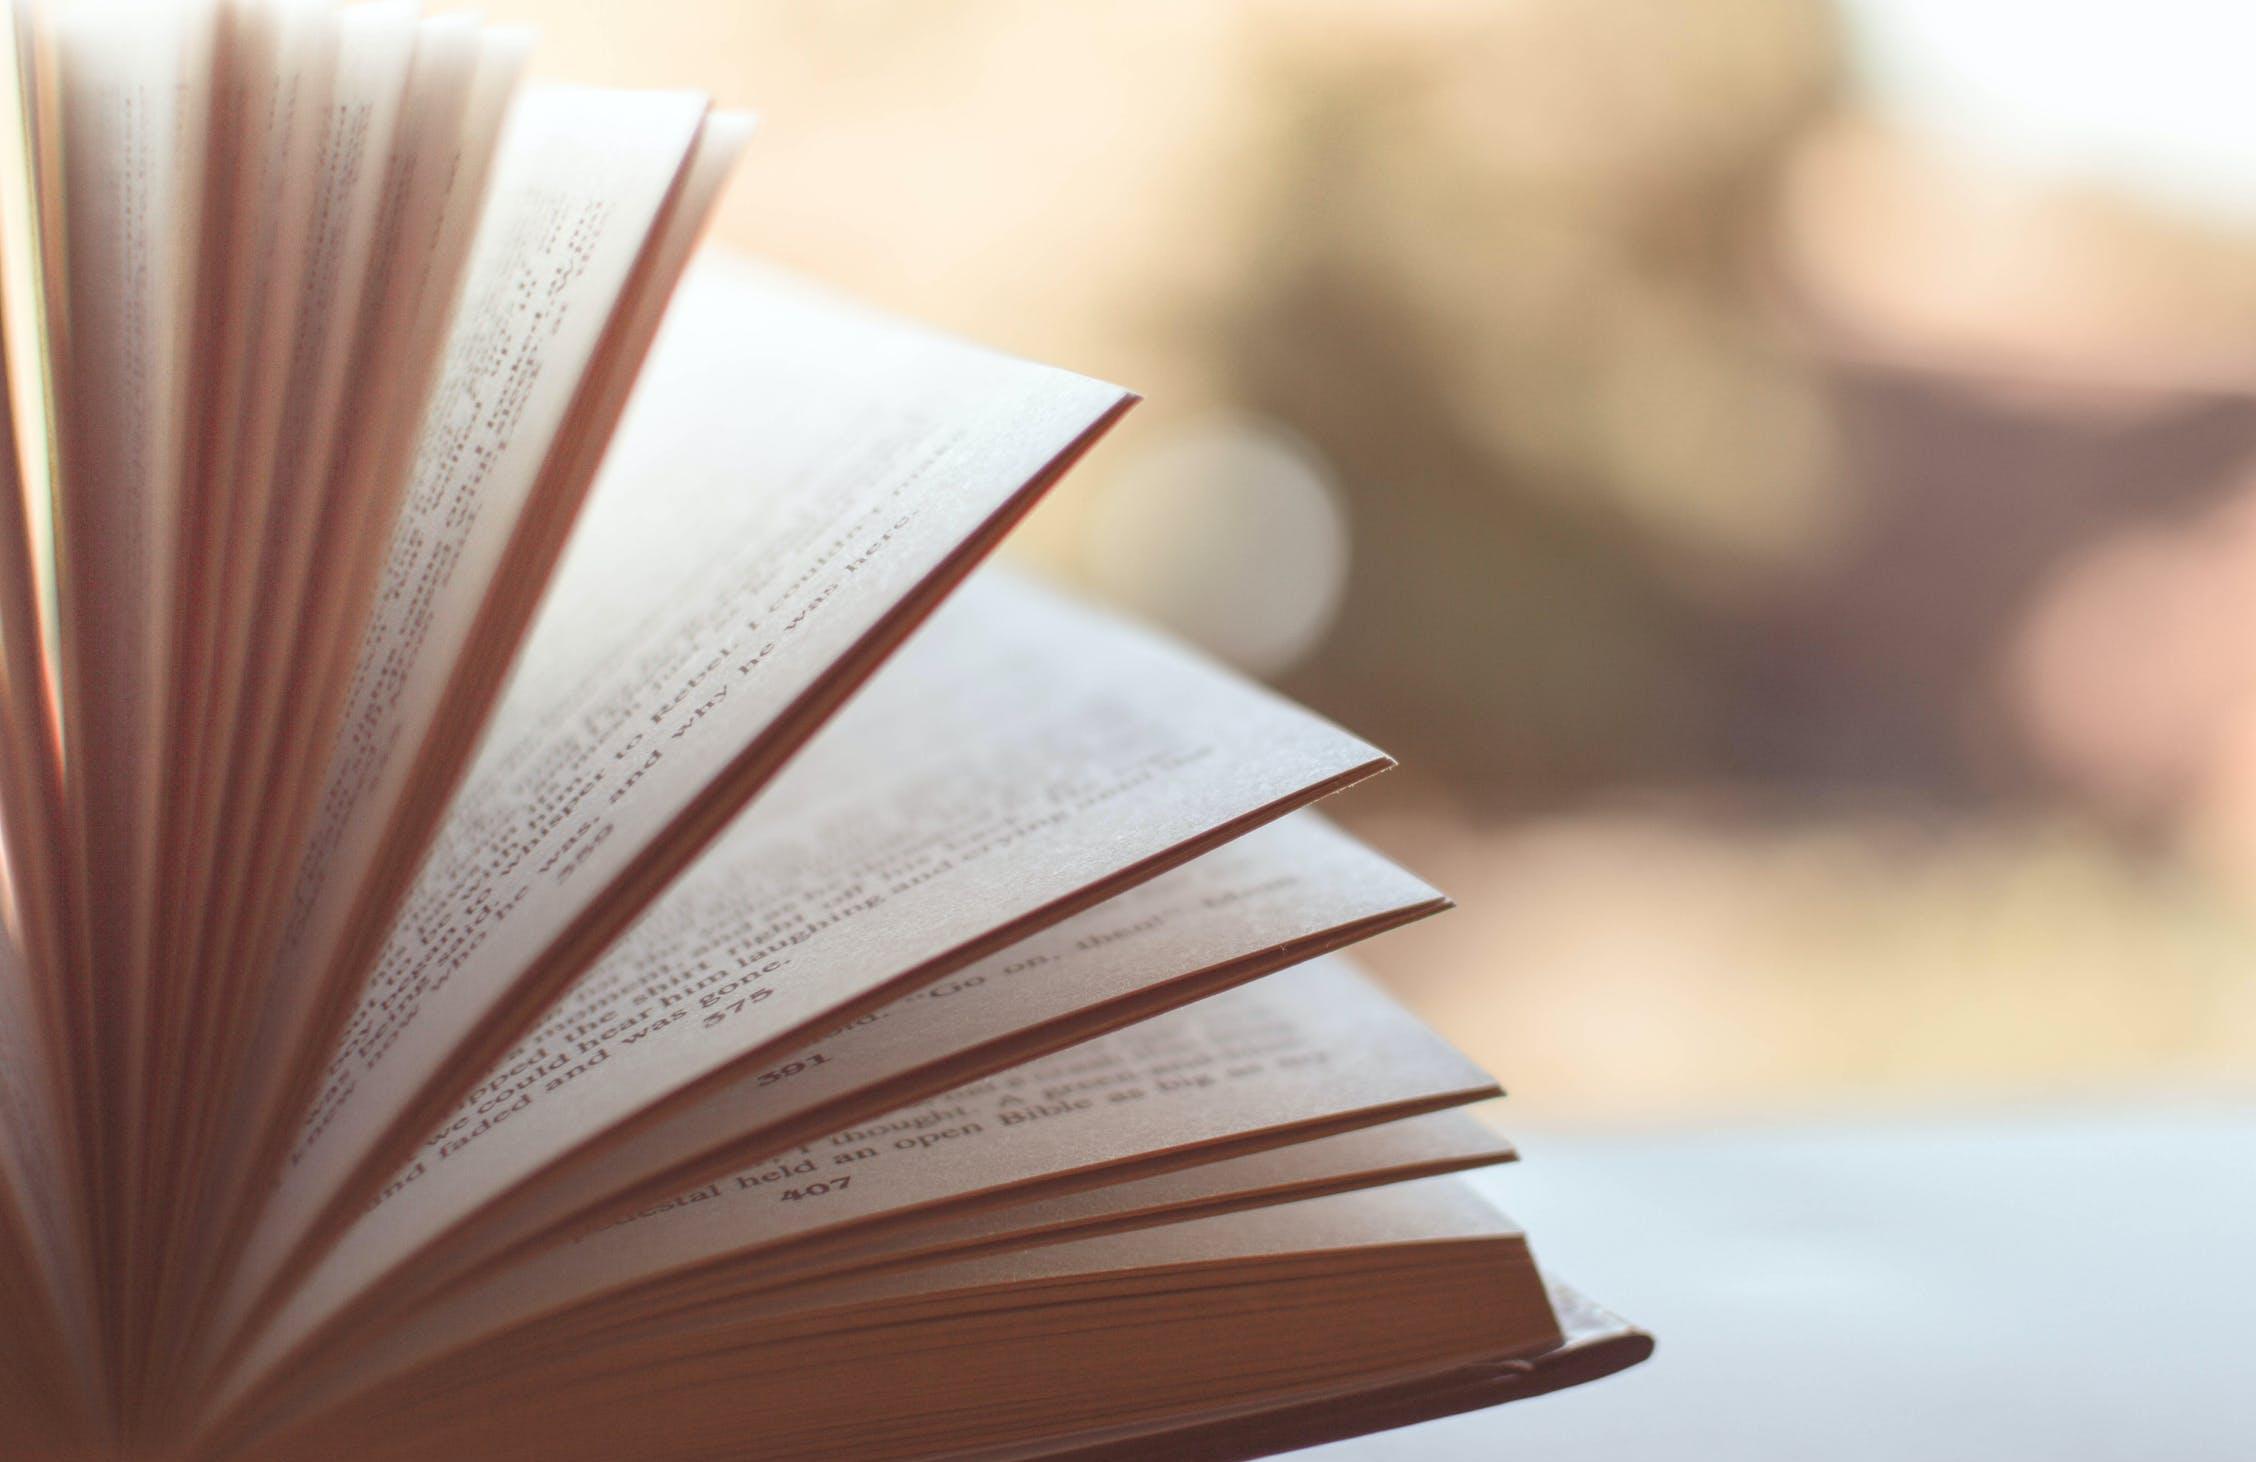 Свободную библиотеку с тысячей книг создали в России